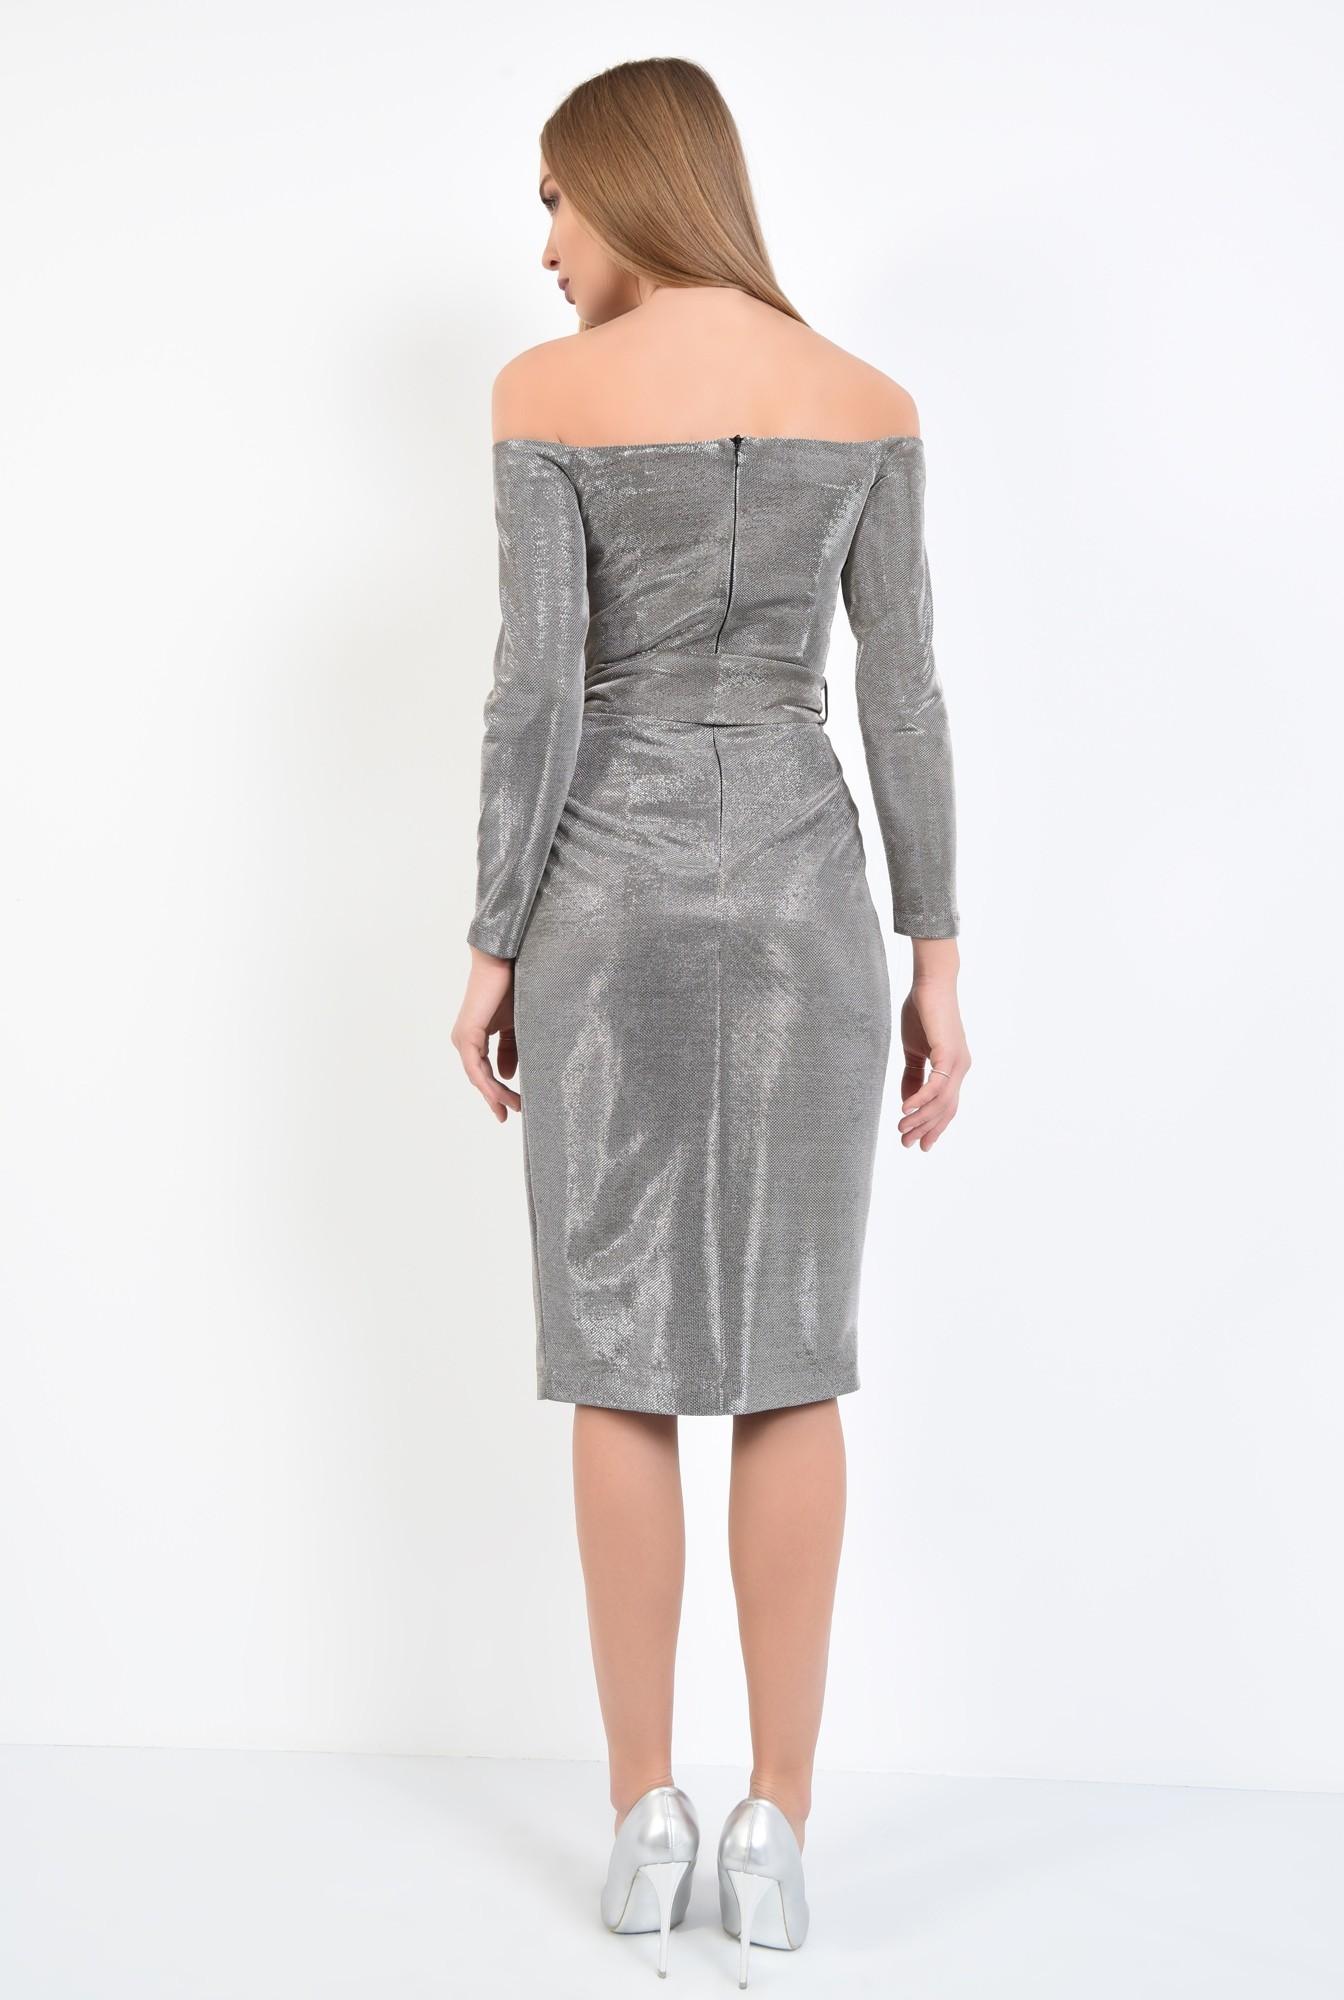 1 - 360 - rochie eleganta, din lurex, cu sclipici, cu funda